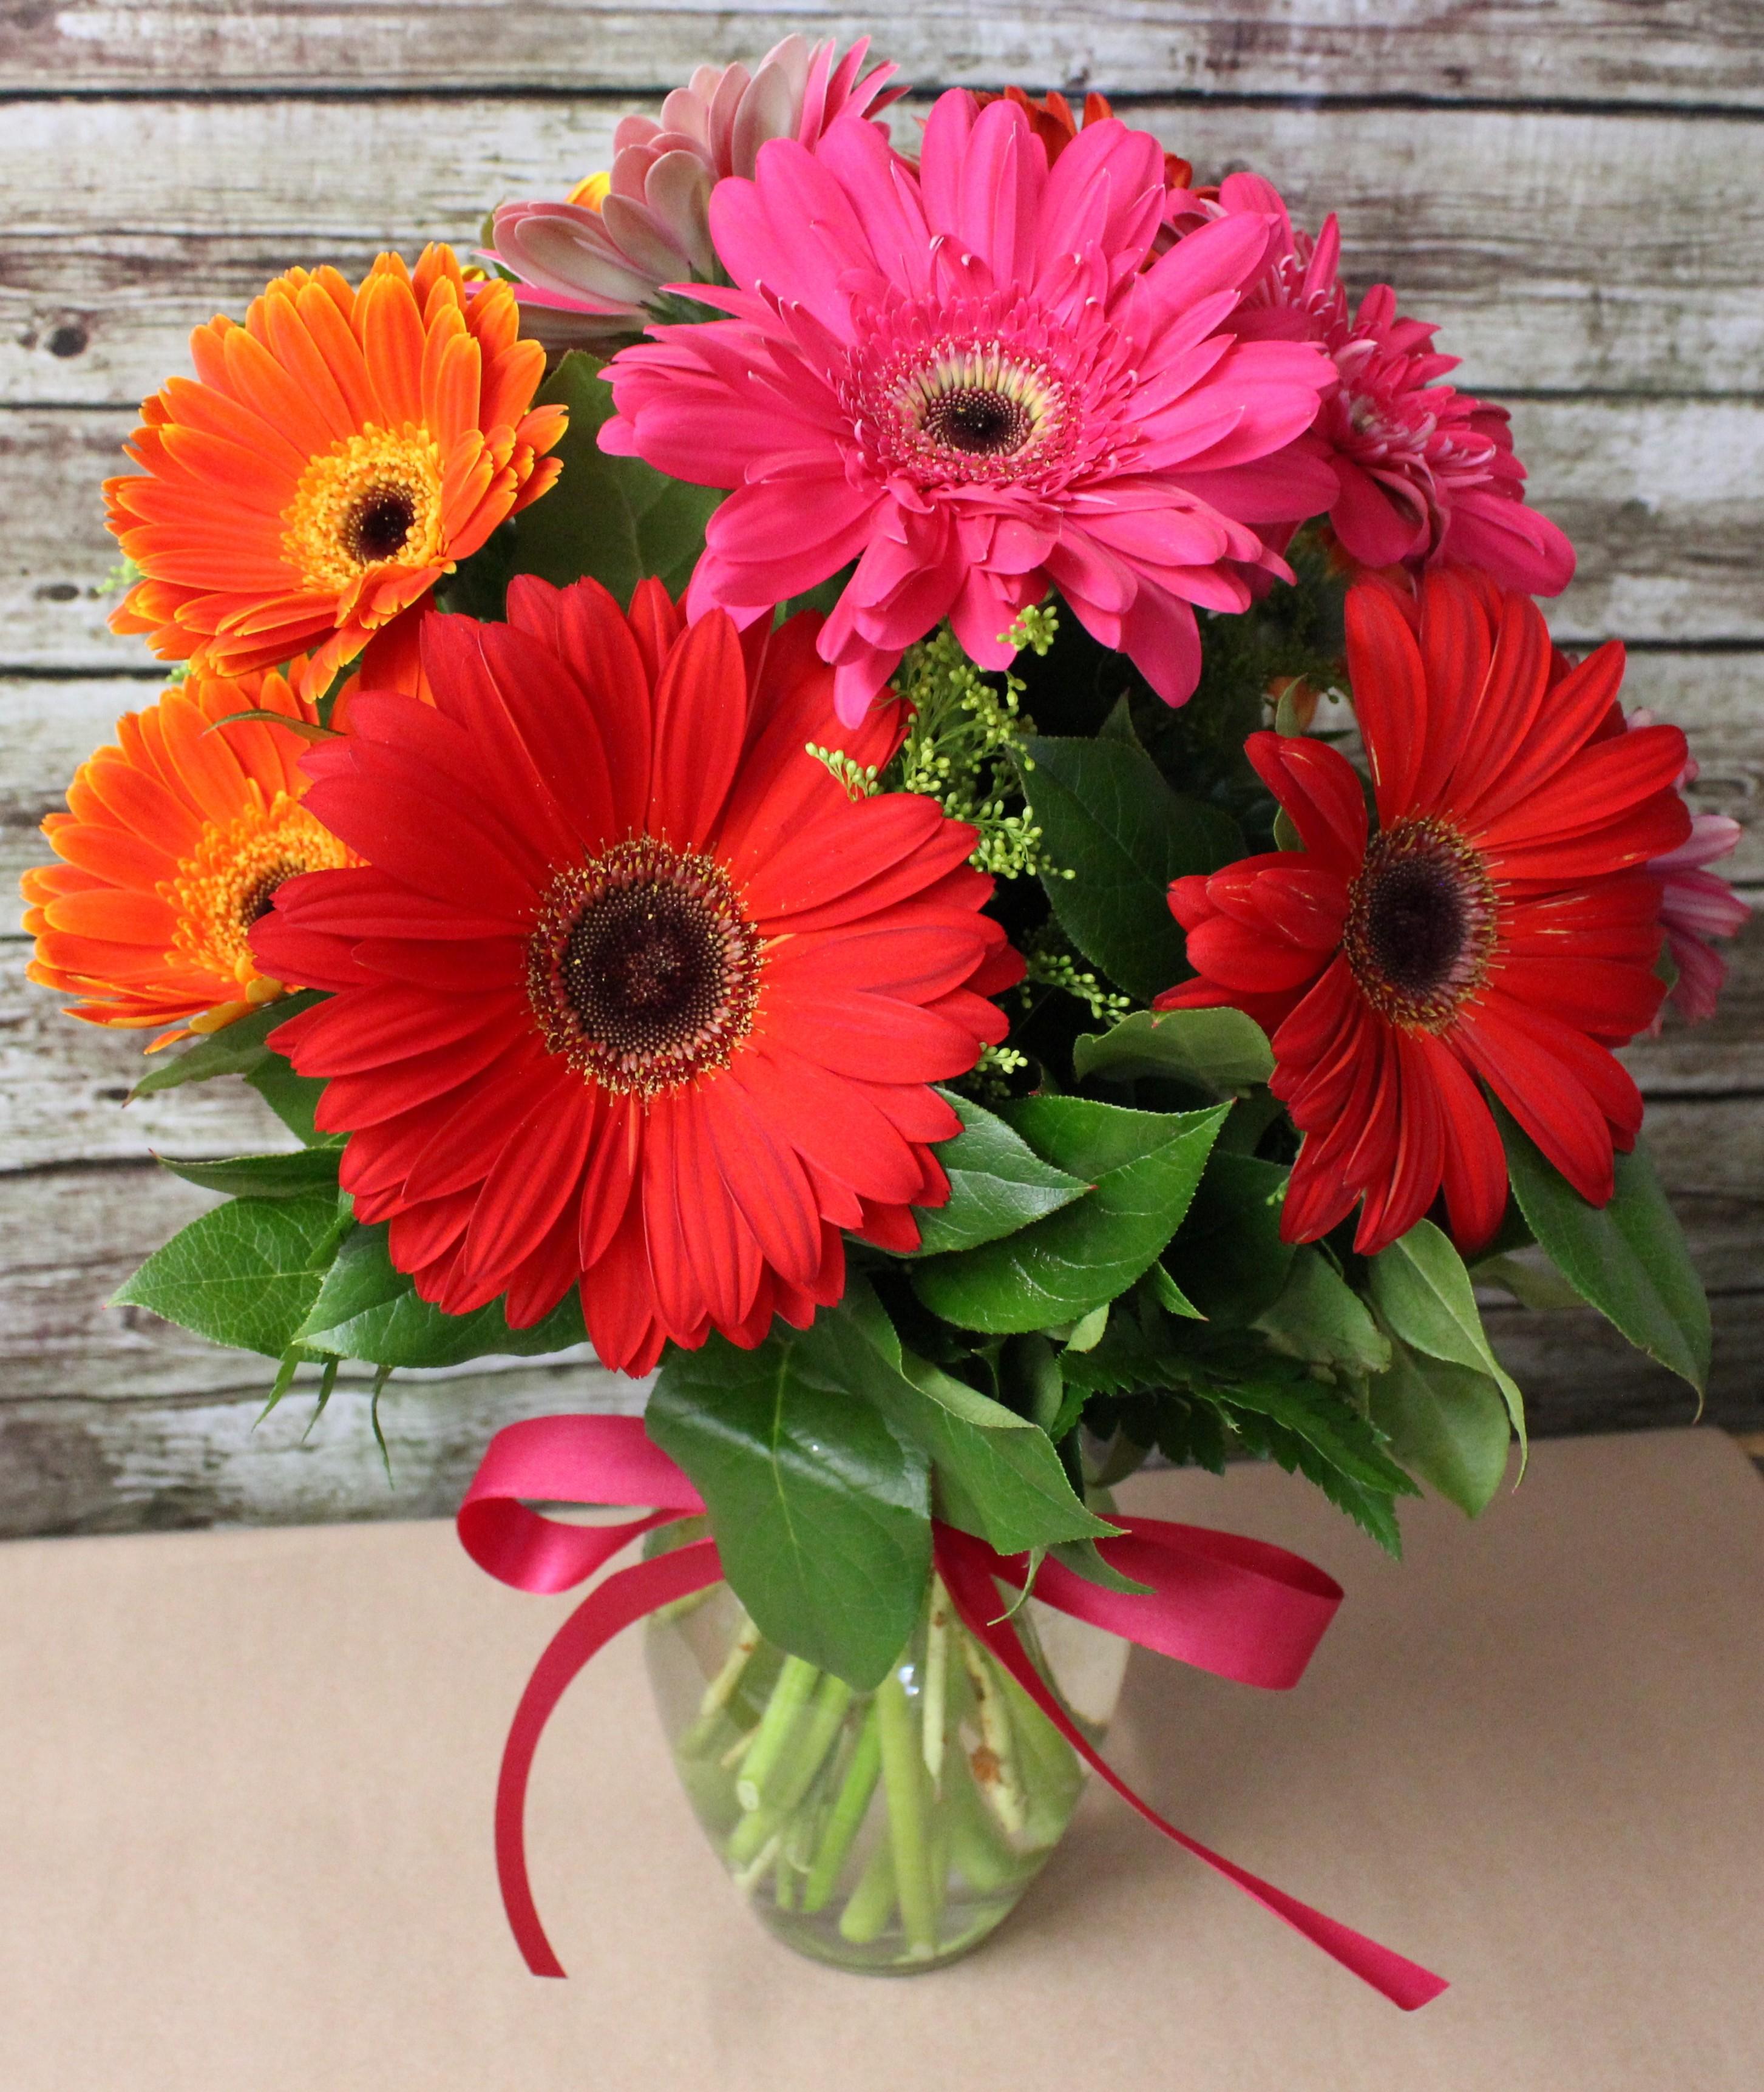 красивые цветы фото герберы этого удивительного привлекательного